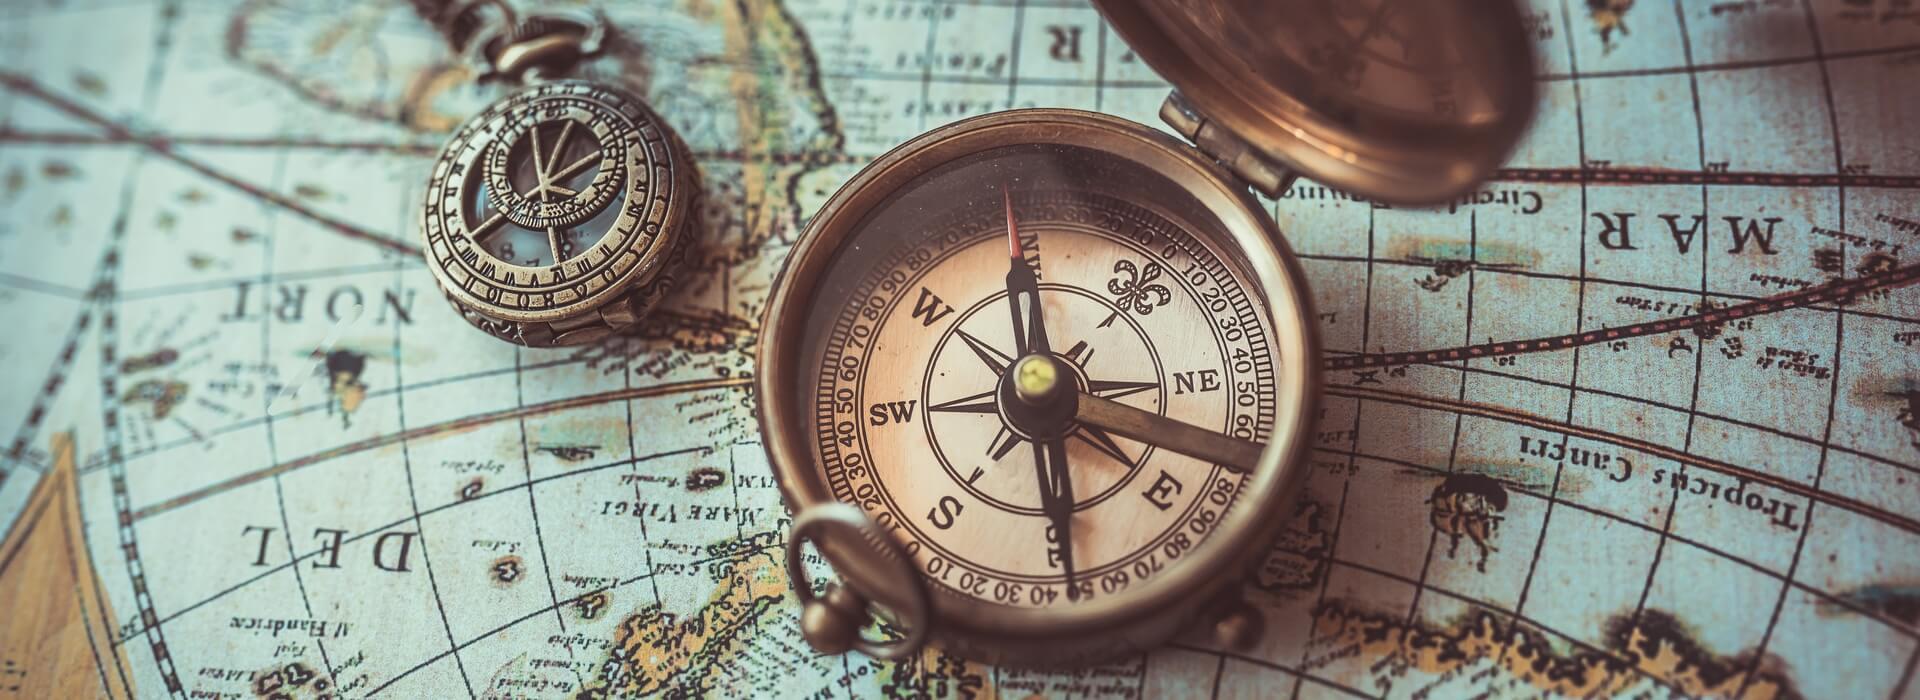 Kompas wereldkaart